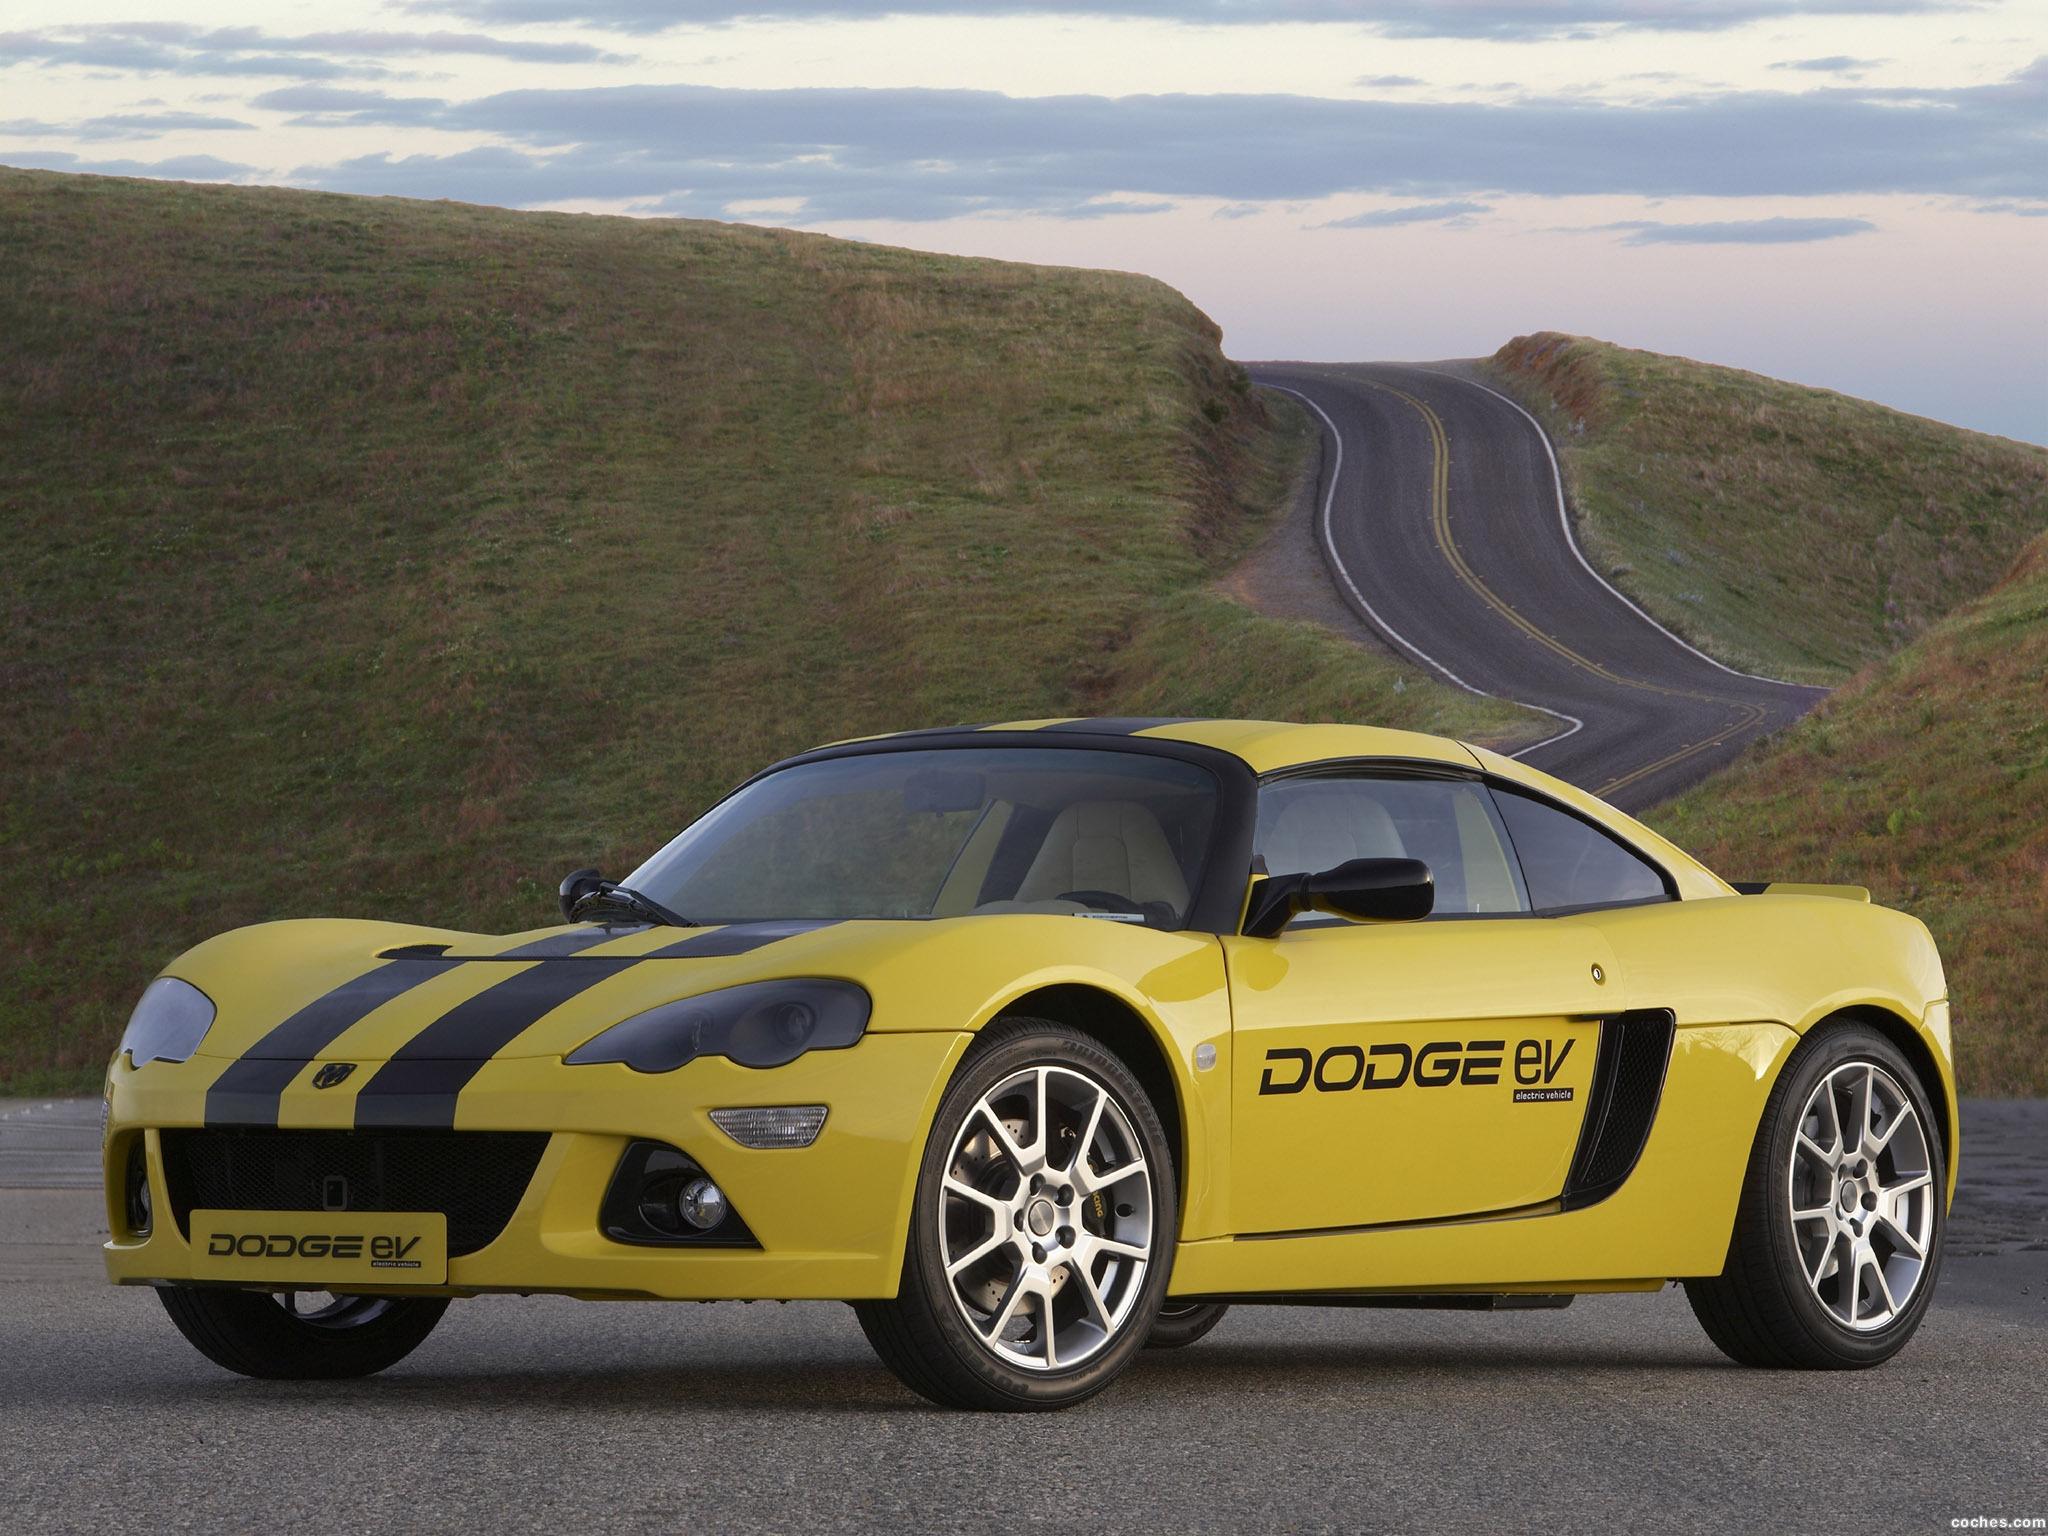 Foto 0 de Dodge eV Concept 2008